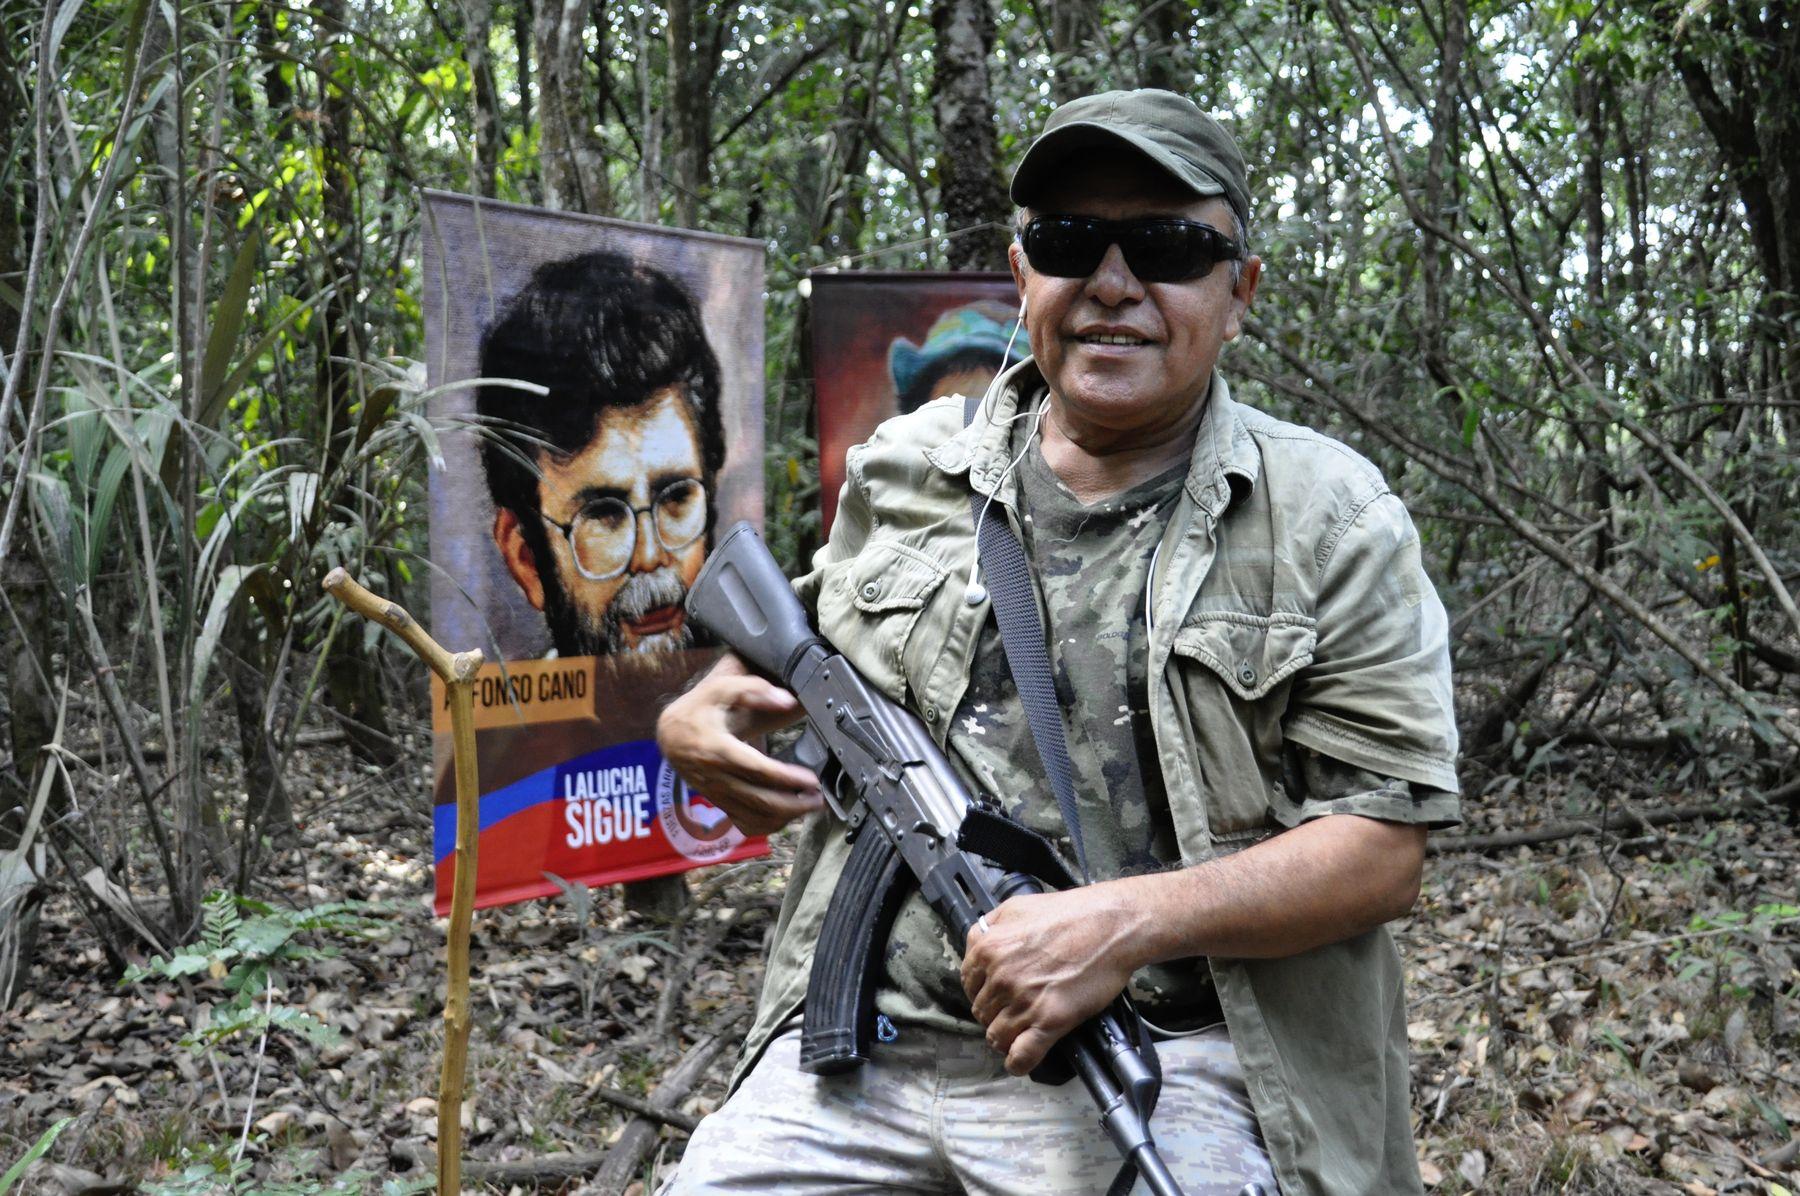 Argazkia: Ibai Trebiño